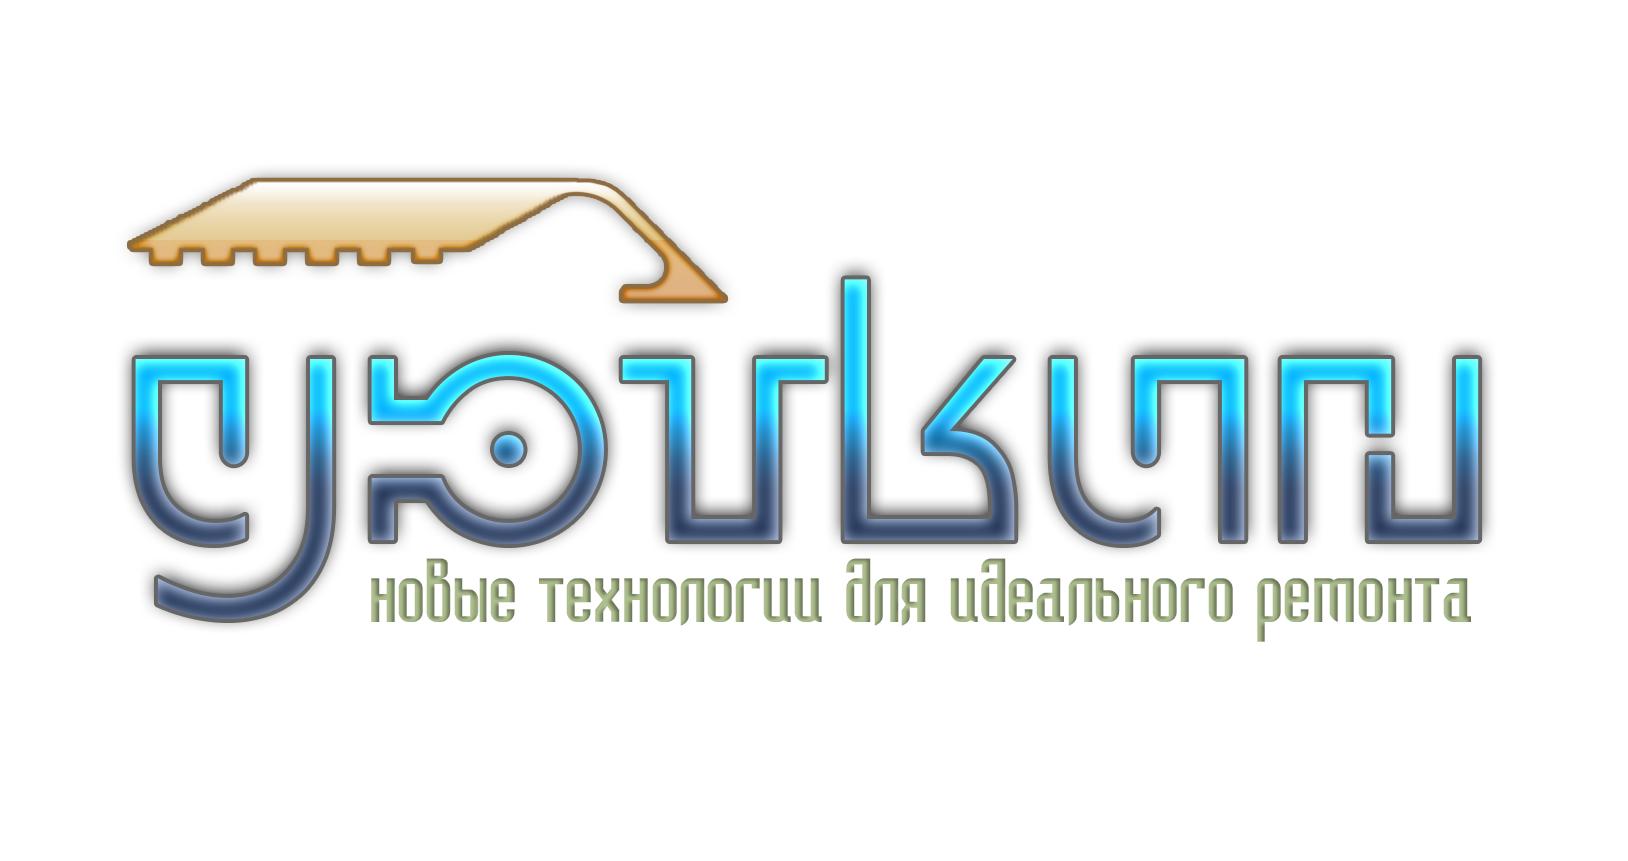 Создание логотипа и стиля сайта фото f_9765c64432a2a33f.jpg